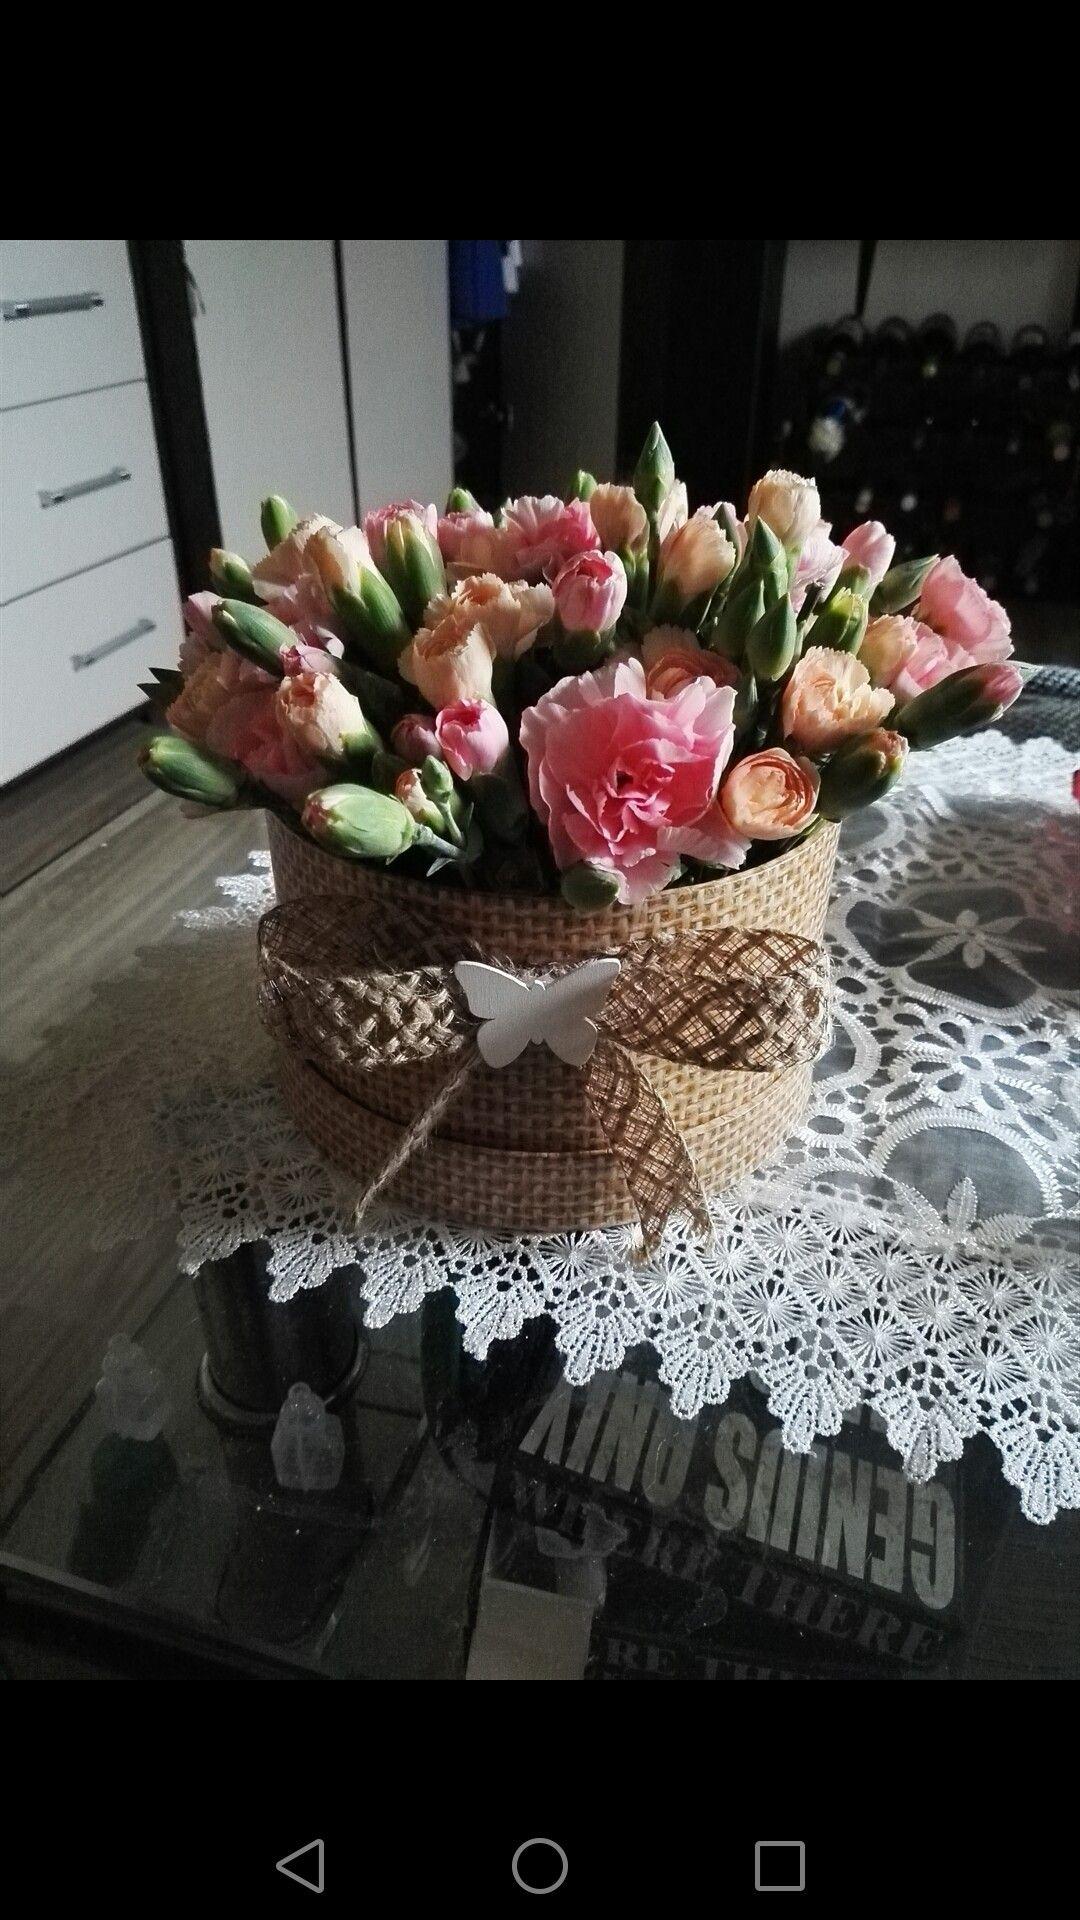 Home Made Flower Box Kwiaty W Pudelku Pomysl Na Bukiet Nowosc Homemade Flowerbox Kwiatywpudelku Pomysl Na Bukiet Table Decorations Home Decor Decor